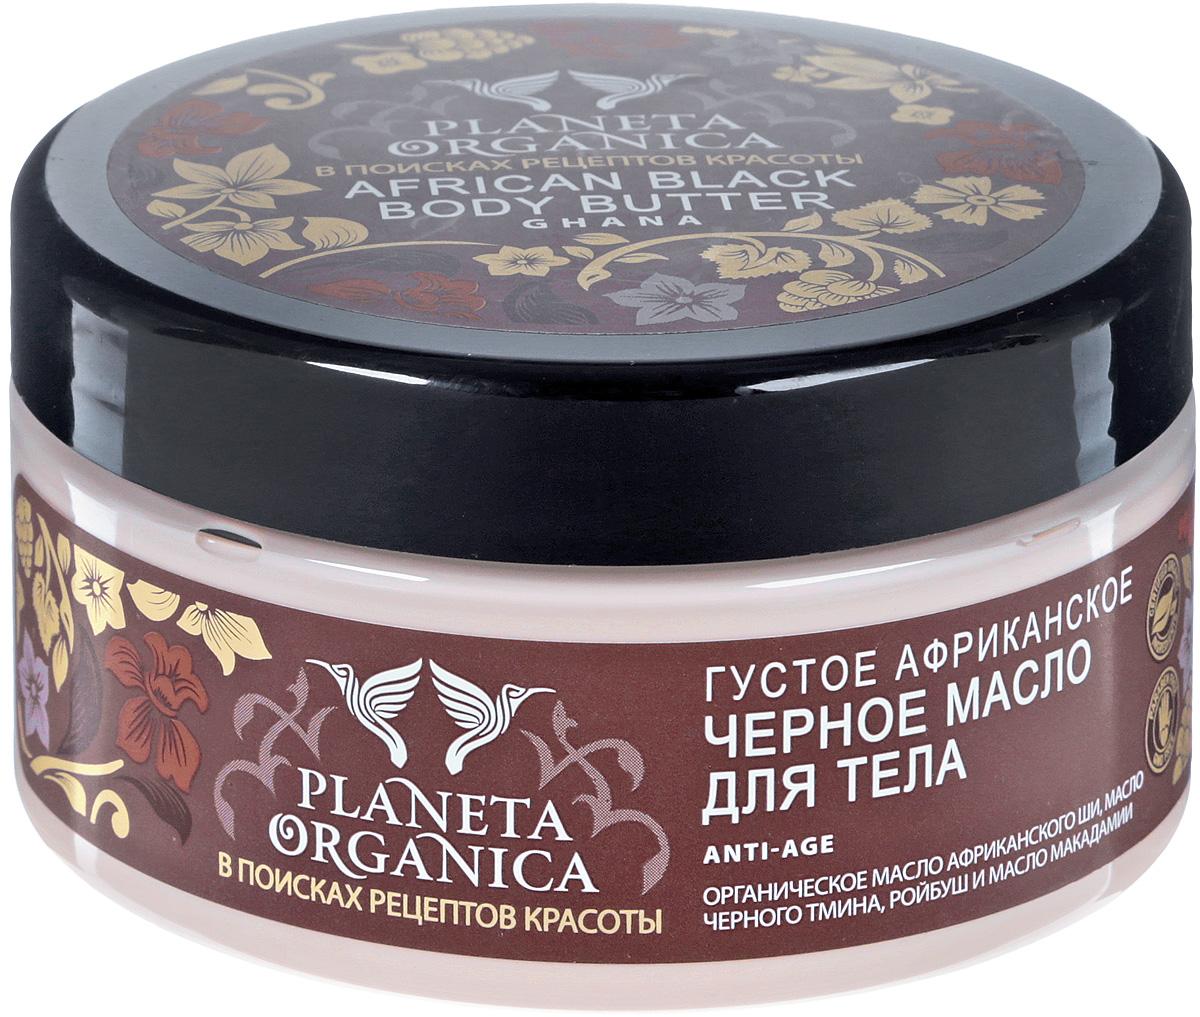 Planeta Organica Масло для тела Anti-age, густое, африканское, черное, 300 мл